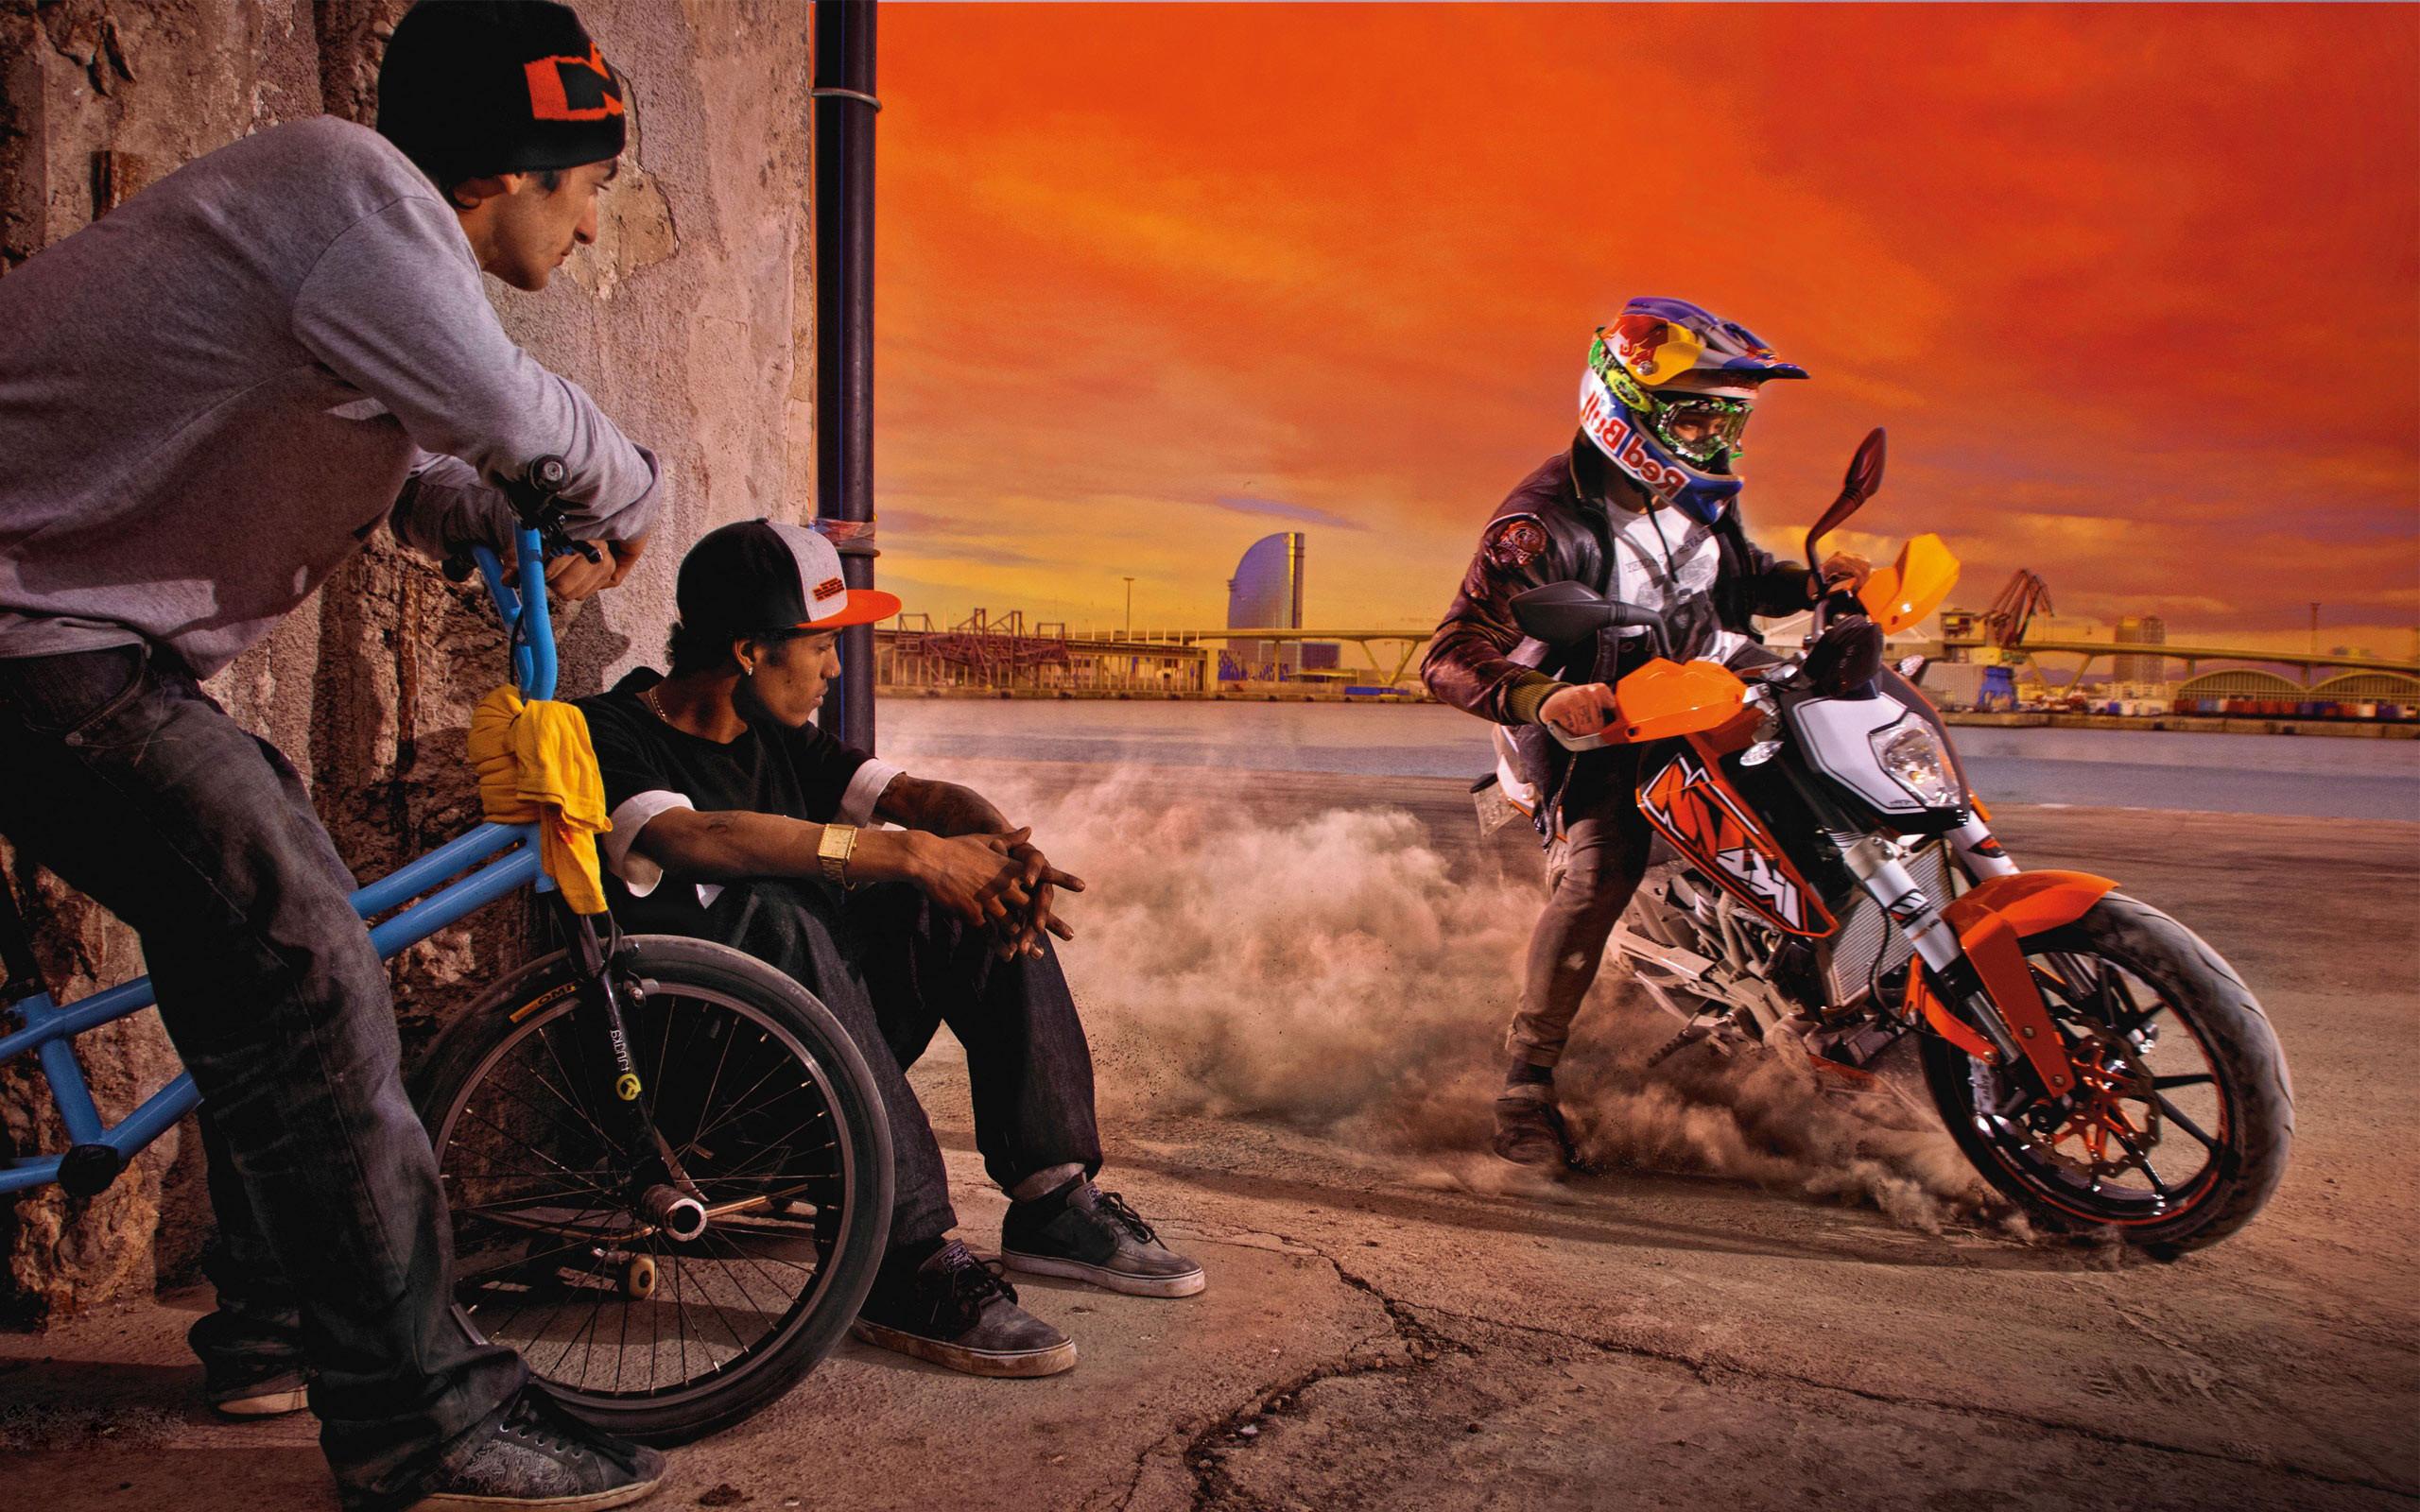 KTM Wallpaper Dirt Bike – WallpaperSafari